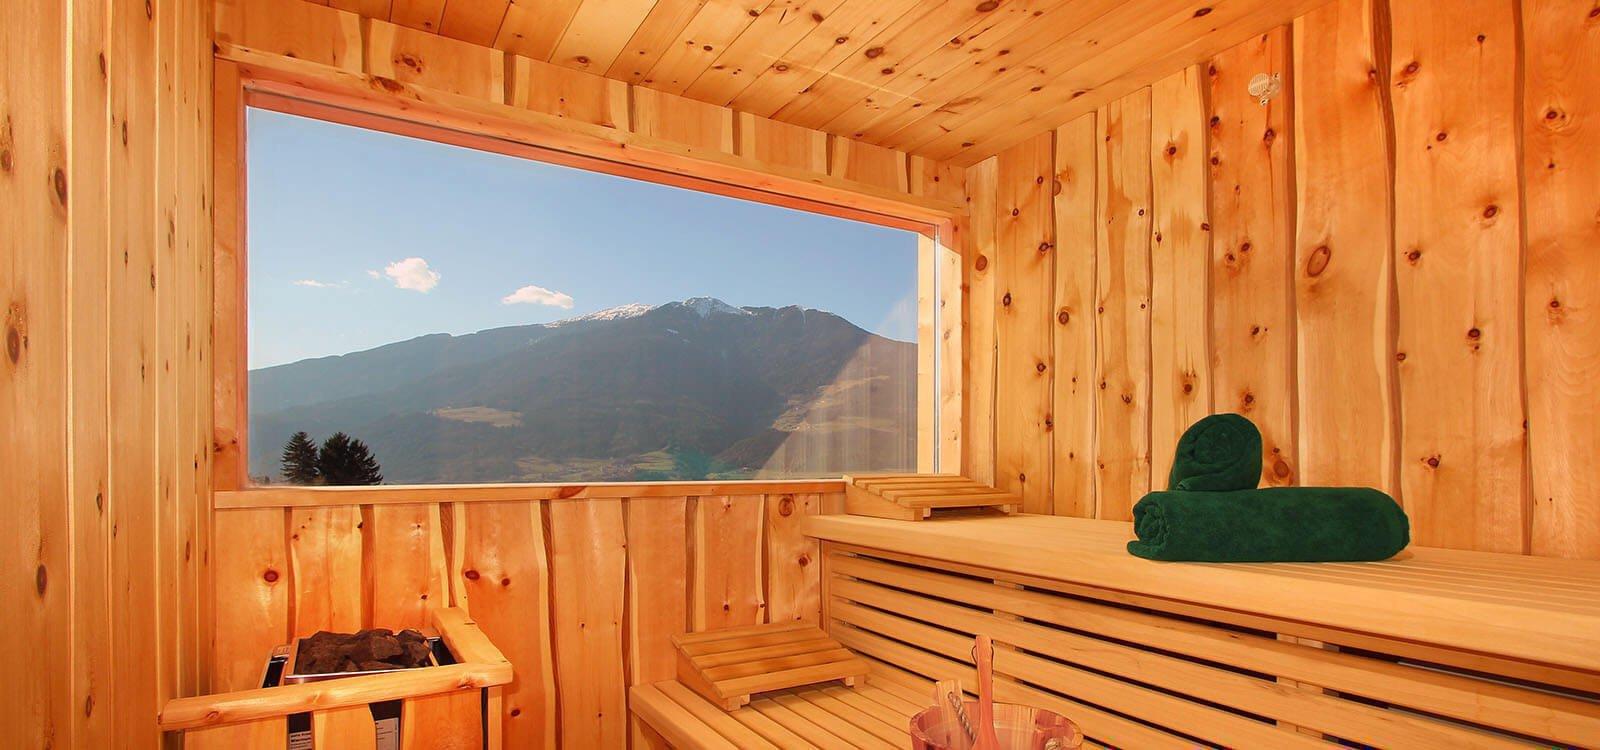 froetscherhof-meluno-sauna-bressanone-02